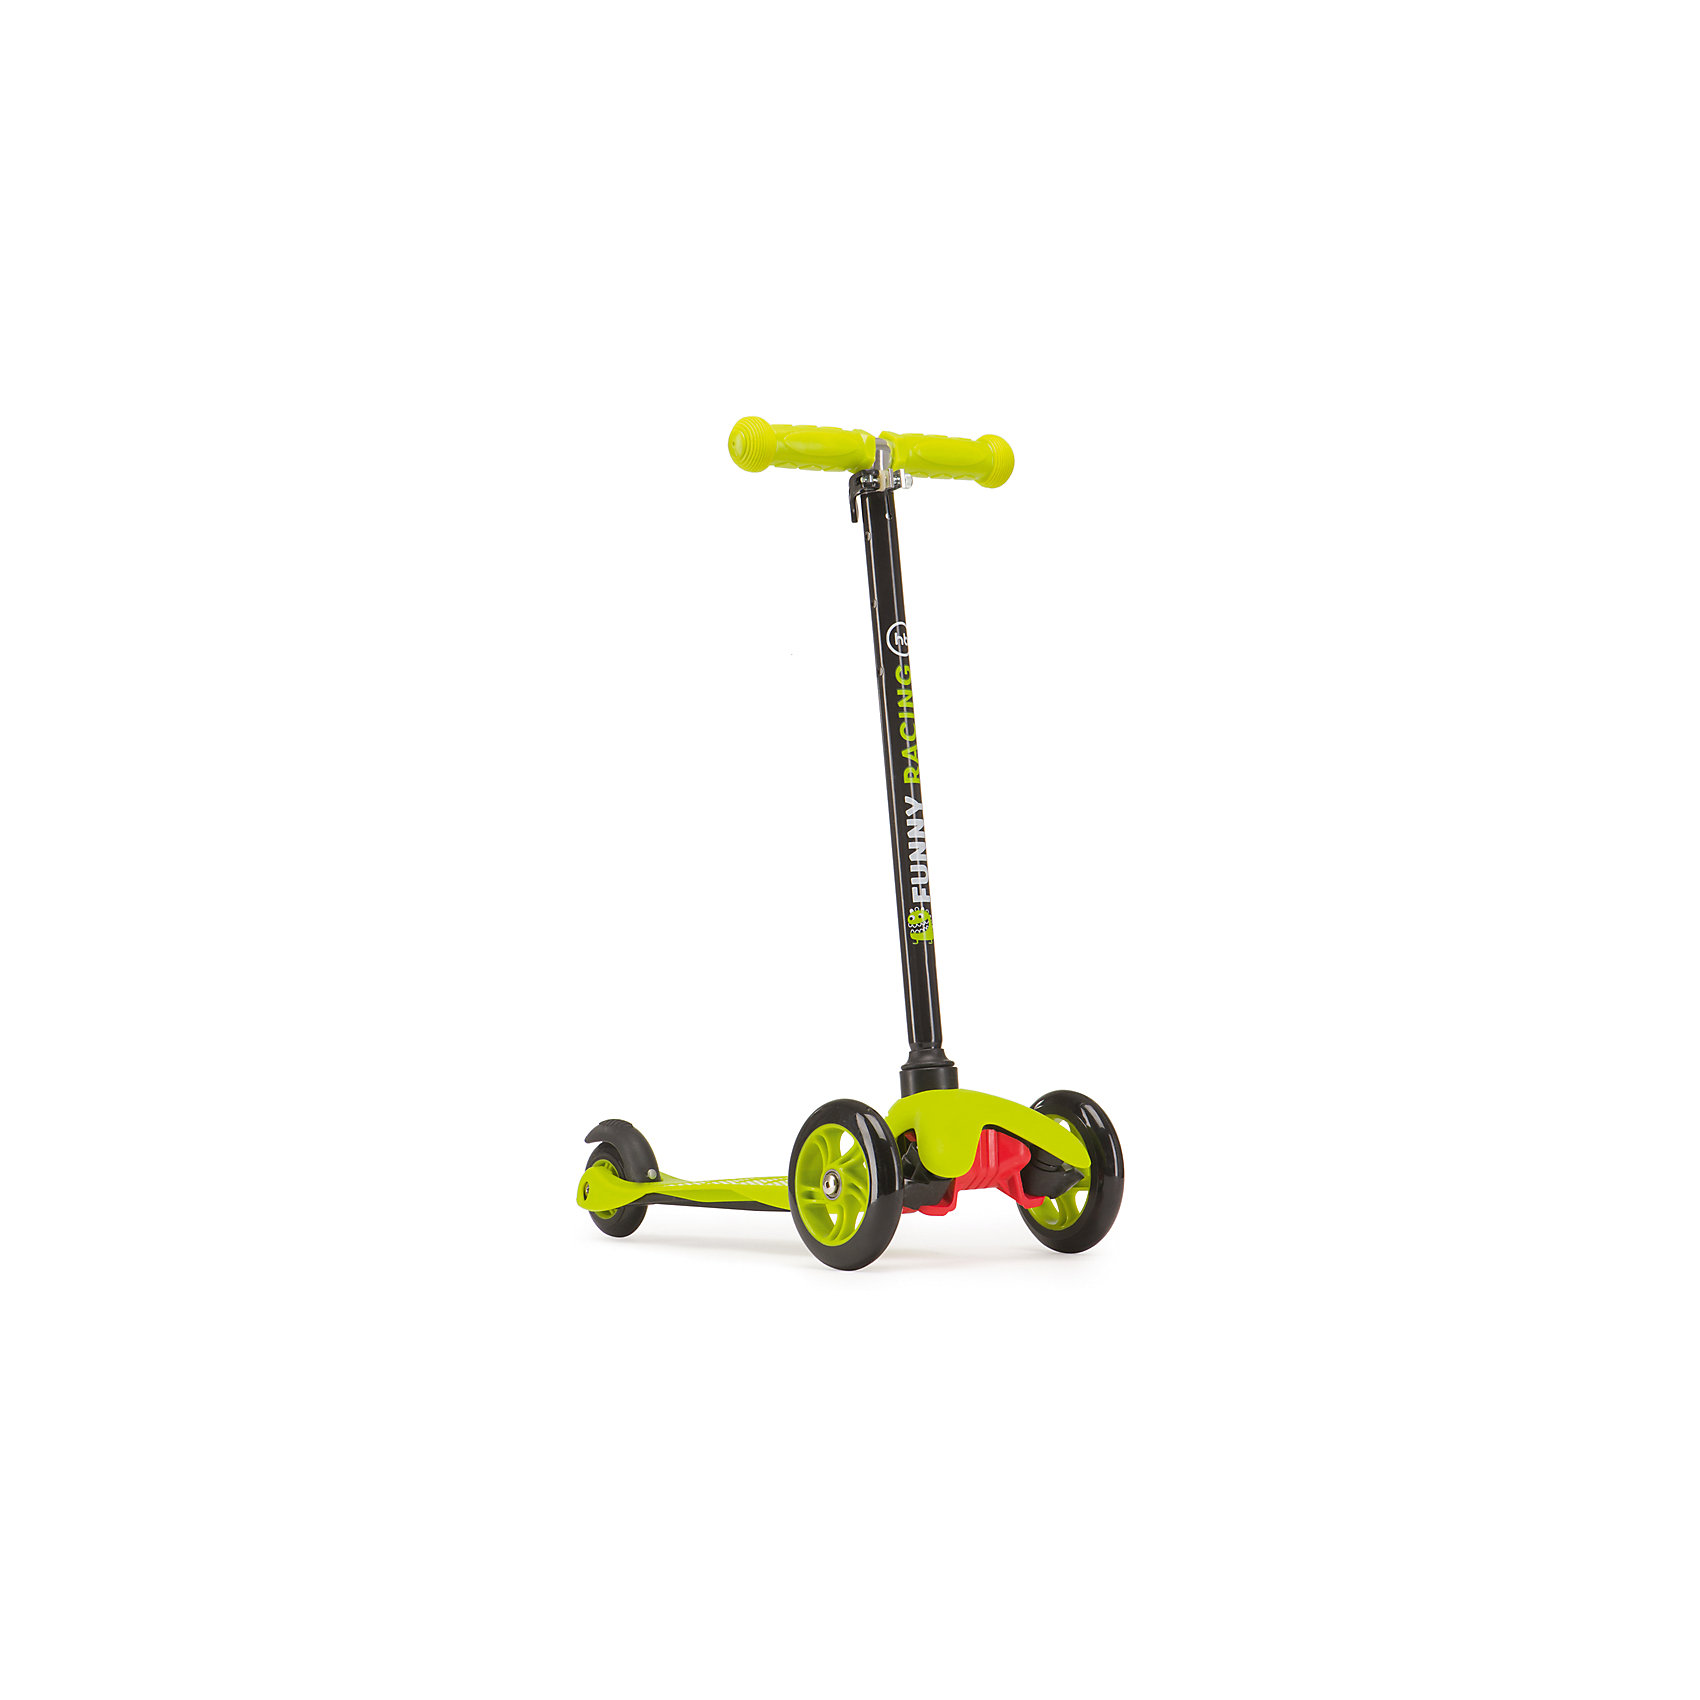 Самокат Happy Baby Tornado, зеленыйСамокаты<br>Характеристики товара:<br><br>• возраст от 3 лет<br>• максимальная нагрузка до 40 кг<br>• материал: пластик, алюминий<br>• материал колес ПВХ<br>• цвет: зеленый<br>• диаметр передних колес 120 мм, заднего колеса 80 мм<br>• высота руля 67-77 см<br>• ножной тормоз на заднем колесе<br>• вес самоката 1,9 кг<br>• размер упаковки 59х27х14,5 см<br>• вес упаковки 2,2 кг<br>• страна производитель: Китай<br><br>Самокат «TORNADO», зеленый, Happy Baby сделает детскую прогулку на свежем воздухе активной и увлекательной. Спереди расположены 2 колеса, что делает самокат устойчивым. Колеса небольшого диаметра хорошо разгоняются и набирают скорость. Колеса подойдут для езды по городским улочкам или на специальных площадках. Высота руля регулируется под рост ребенка. Ножной тормоз на колесе отвечает за безопасное катание и быстрое торможение перед препятствием. Накладки на руле препятствуют соскальзыванию ладоней во время езды.<br><br>Самокат изготовлен из прочного алюминия. Пластиковая рифленая дека не позволяет ножкам скользить по поверхности. Катаясь на самокате, ребенок учится держать равновесие, координировать свои движения. <br><br>Самокат «TORNADO», зеленый, Happy Baby можно приобрести в нашем интернет магазине.<br><br>Ширина мм: 590<br>Глубина мм: 145<br>Высота мм: 270<br>Вес г: 2200<br>Возраст от месяцев: 36<br>Возраст до месяцев: 36<br>Пол: Унисекс<br>Возраст: Детский<br>SKU: 5527339